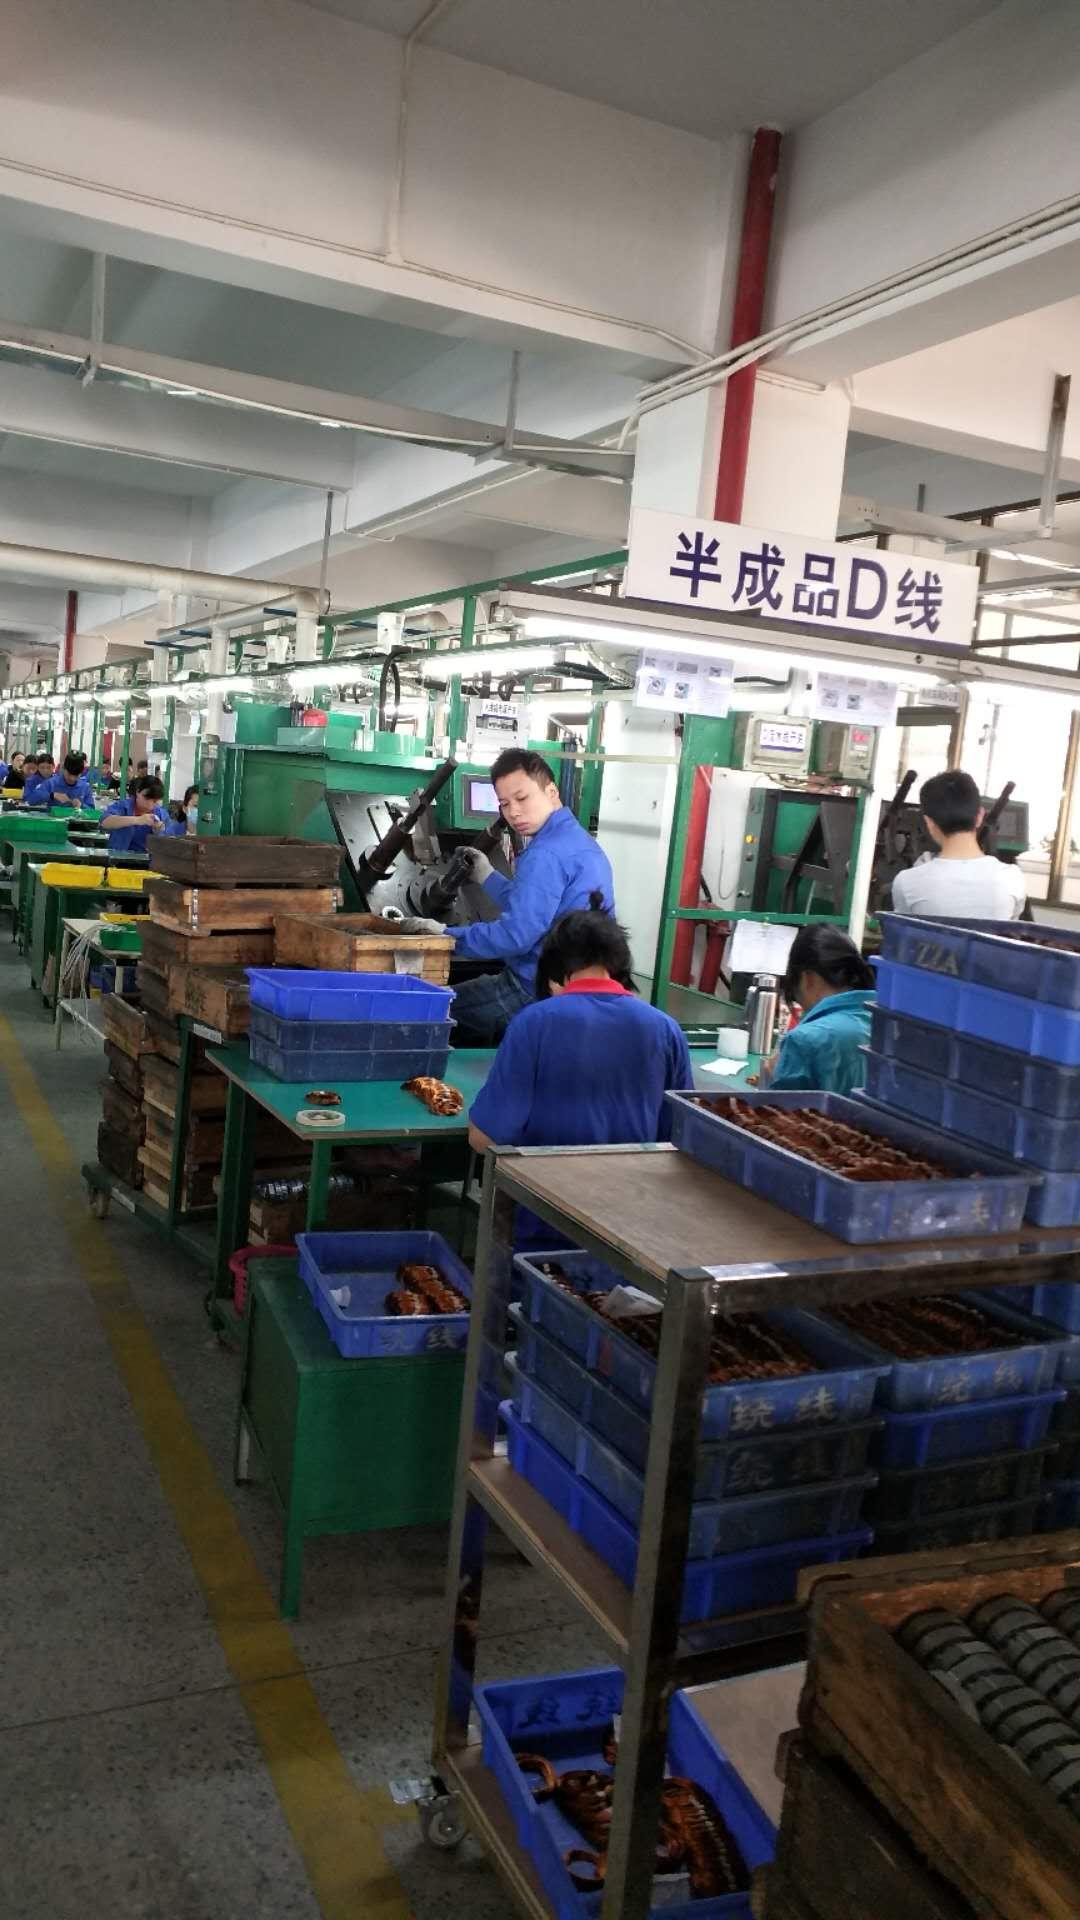 广东裕祥环保科技有限公司_才通国际人才网_job001.cn